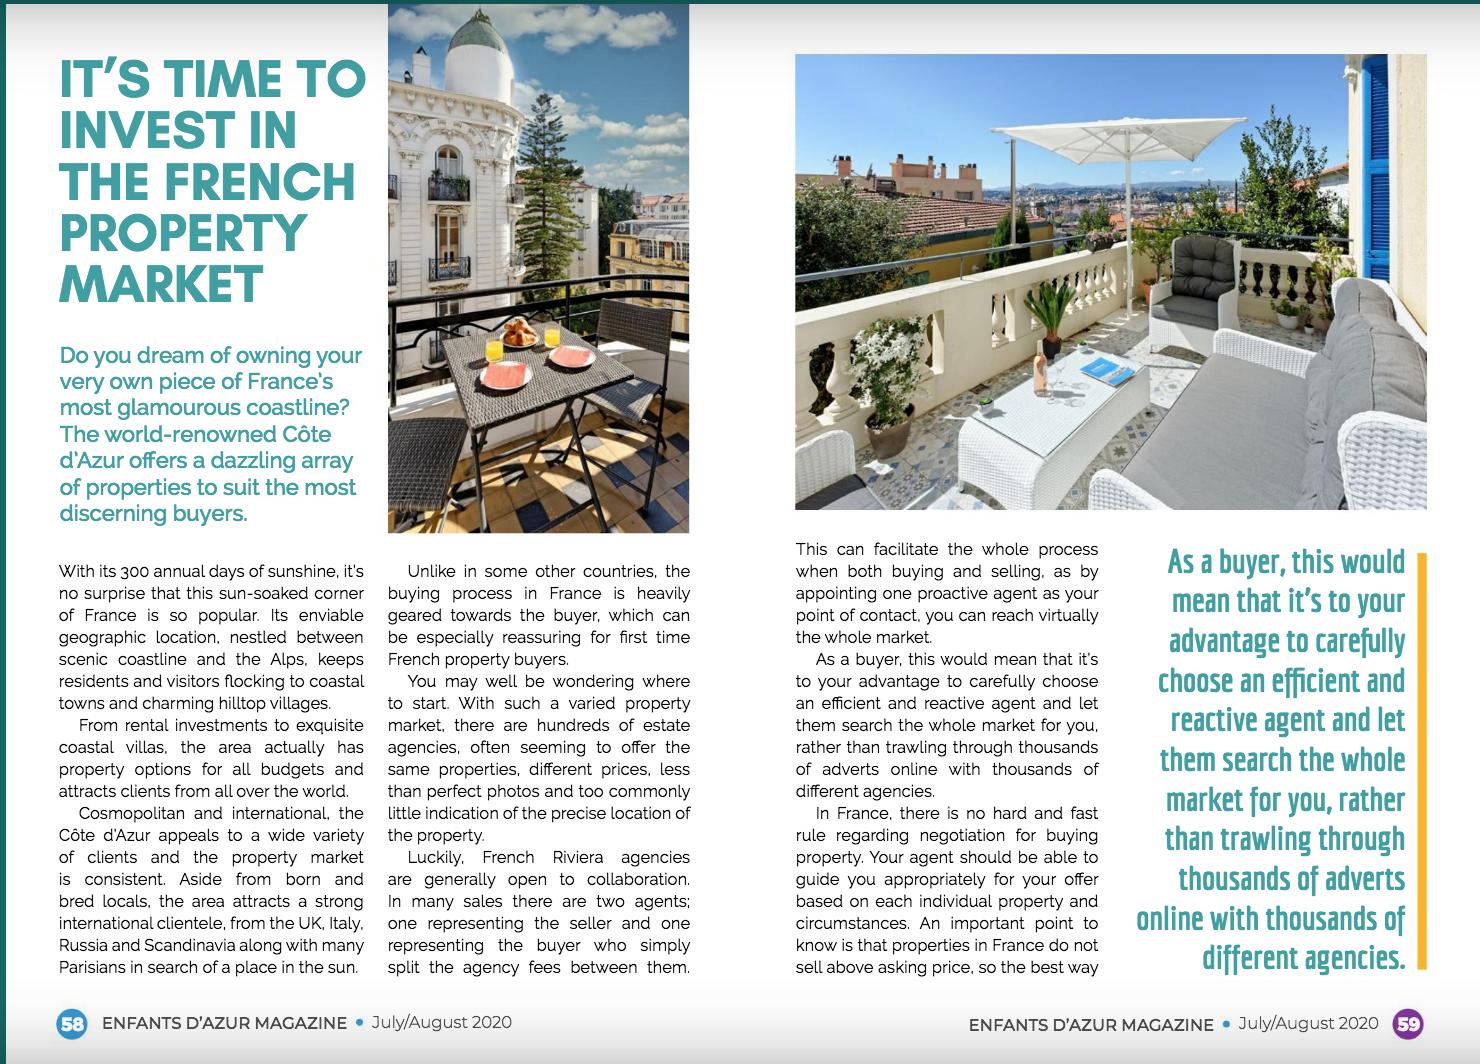 Abitan-Immobilier-enfant-d-azur-magazine-juillet-aout-2020-immobilier-propriété-nice